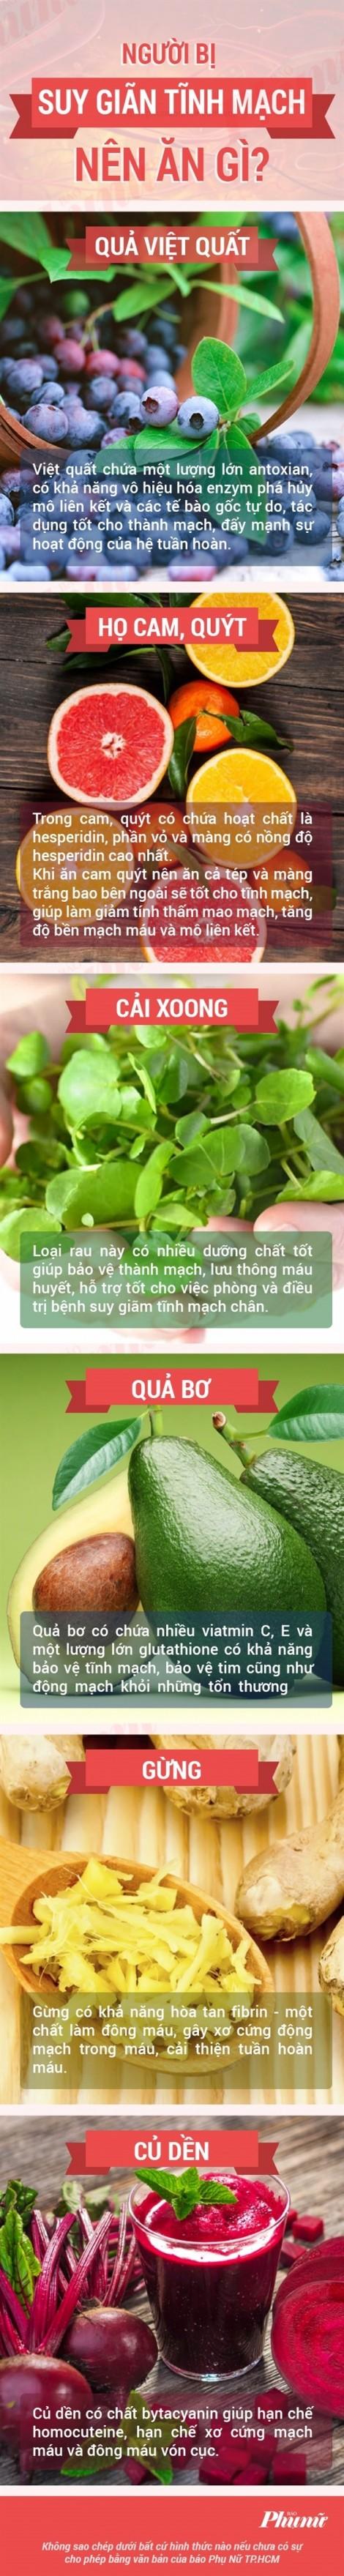 6 loại rau, quả người bị suy giãn tĩnh mạch không thể bỏ qua